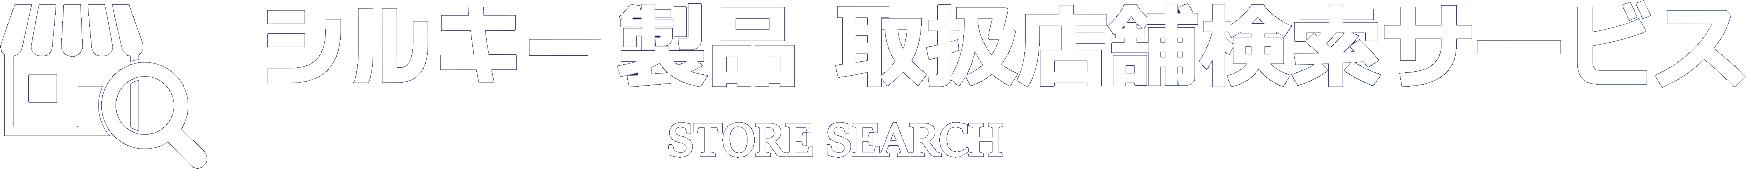 シルキー製品 取扱店舗検索サービス